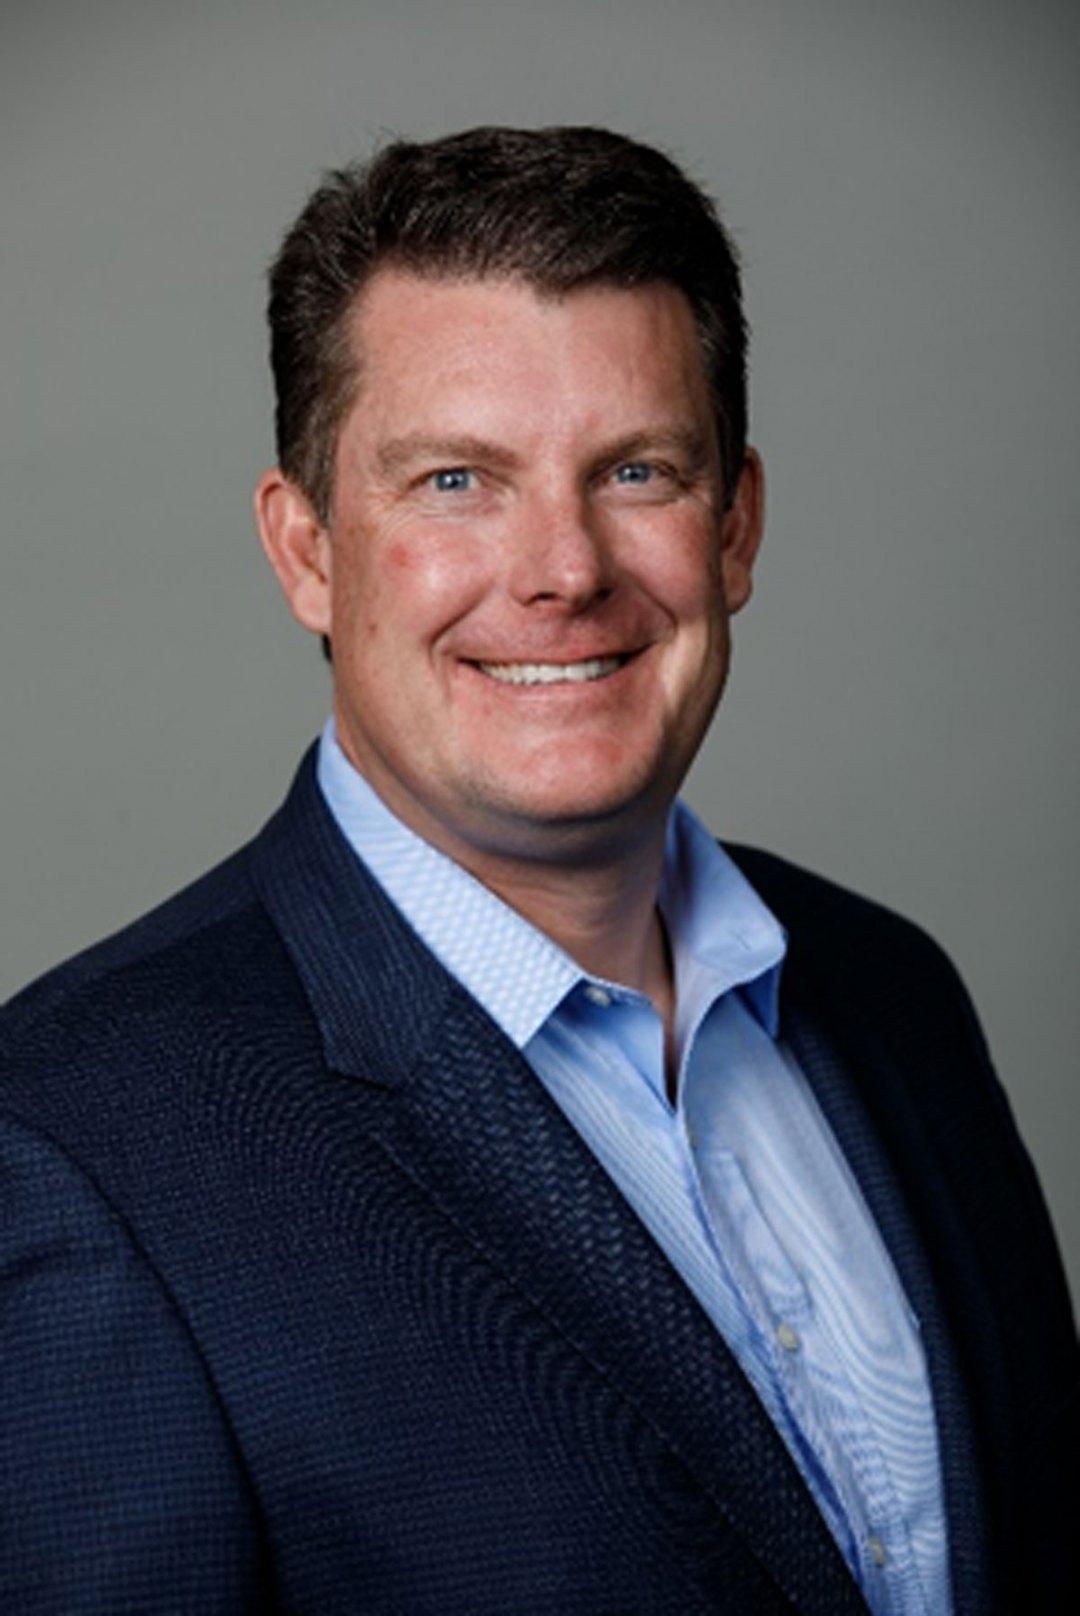 Jason Gerig